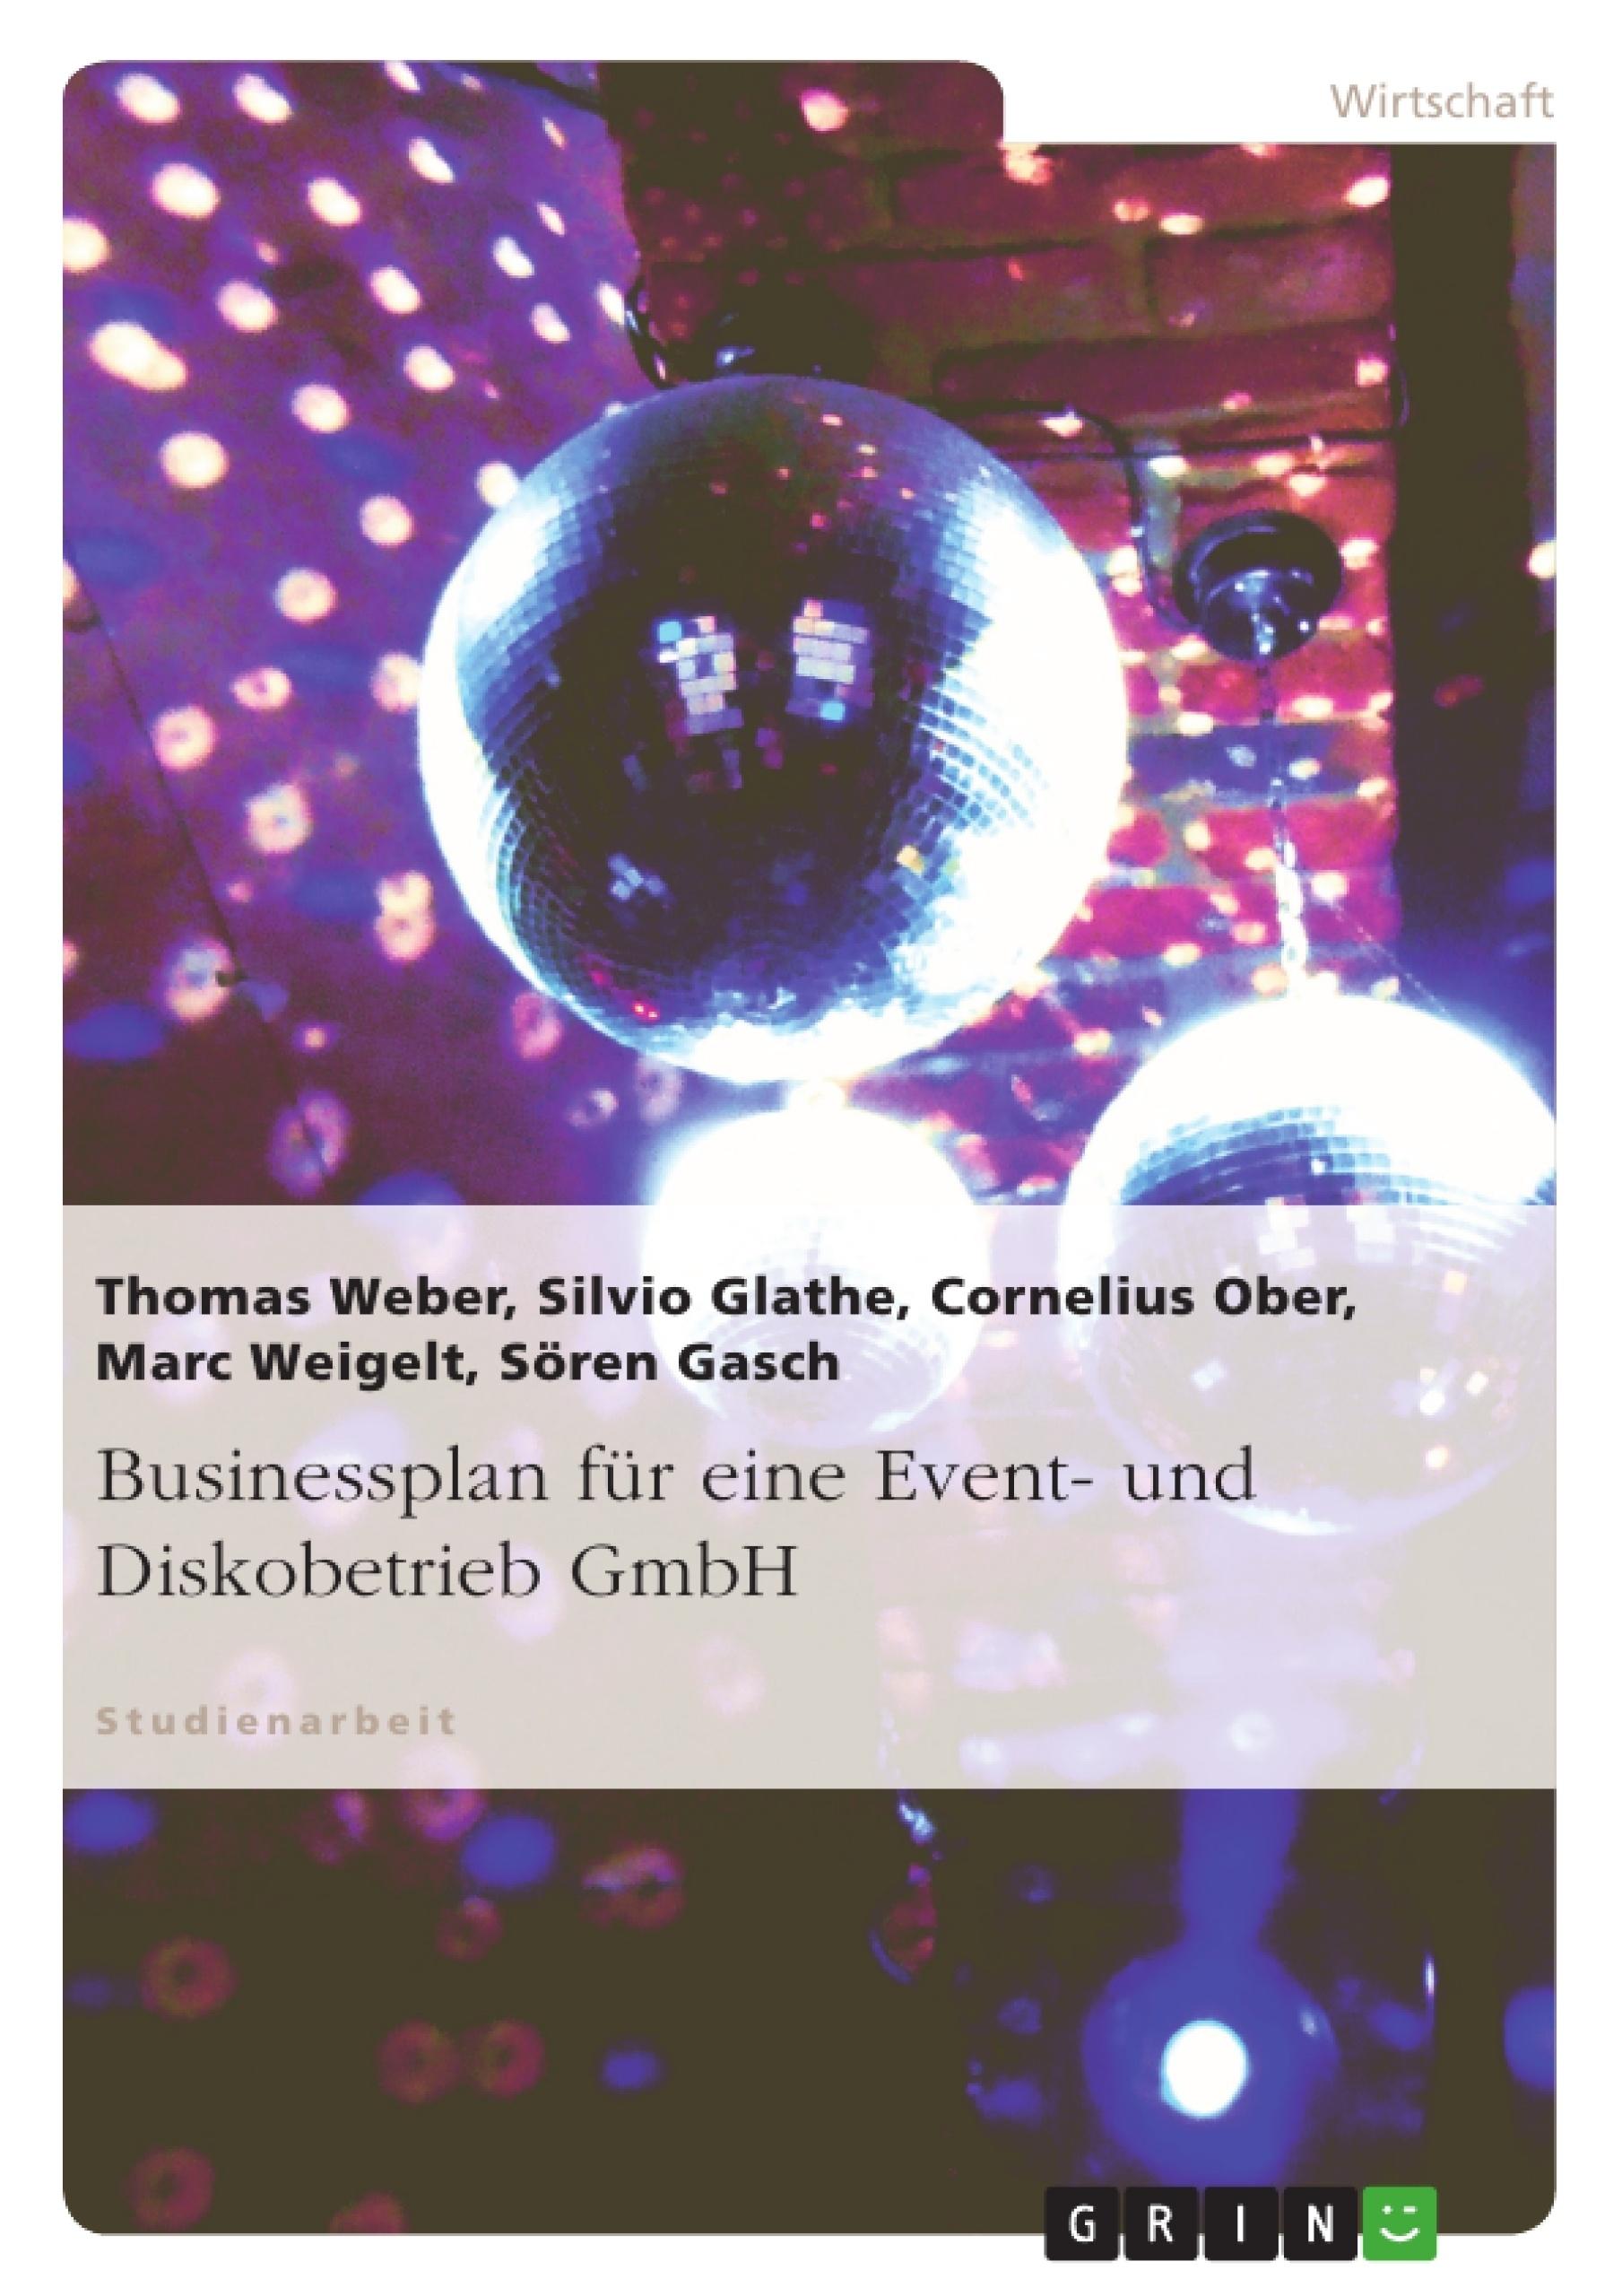 Titel: Businessplan für eine Event- und Diskobetrieb GmbH